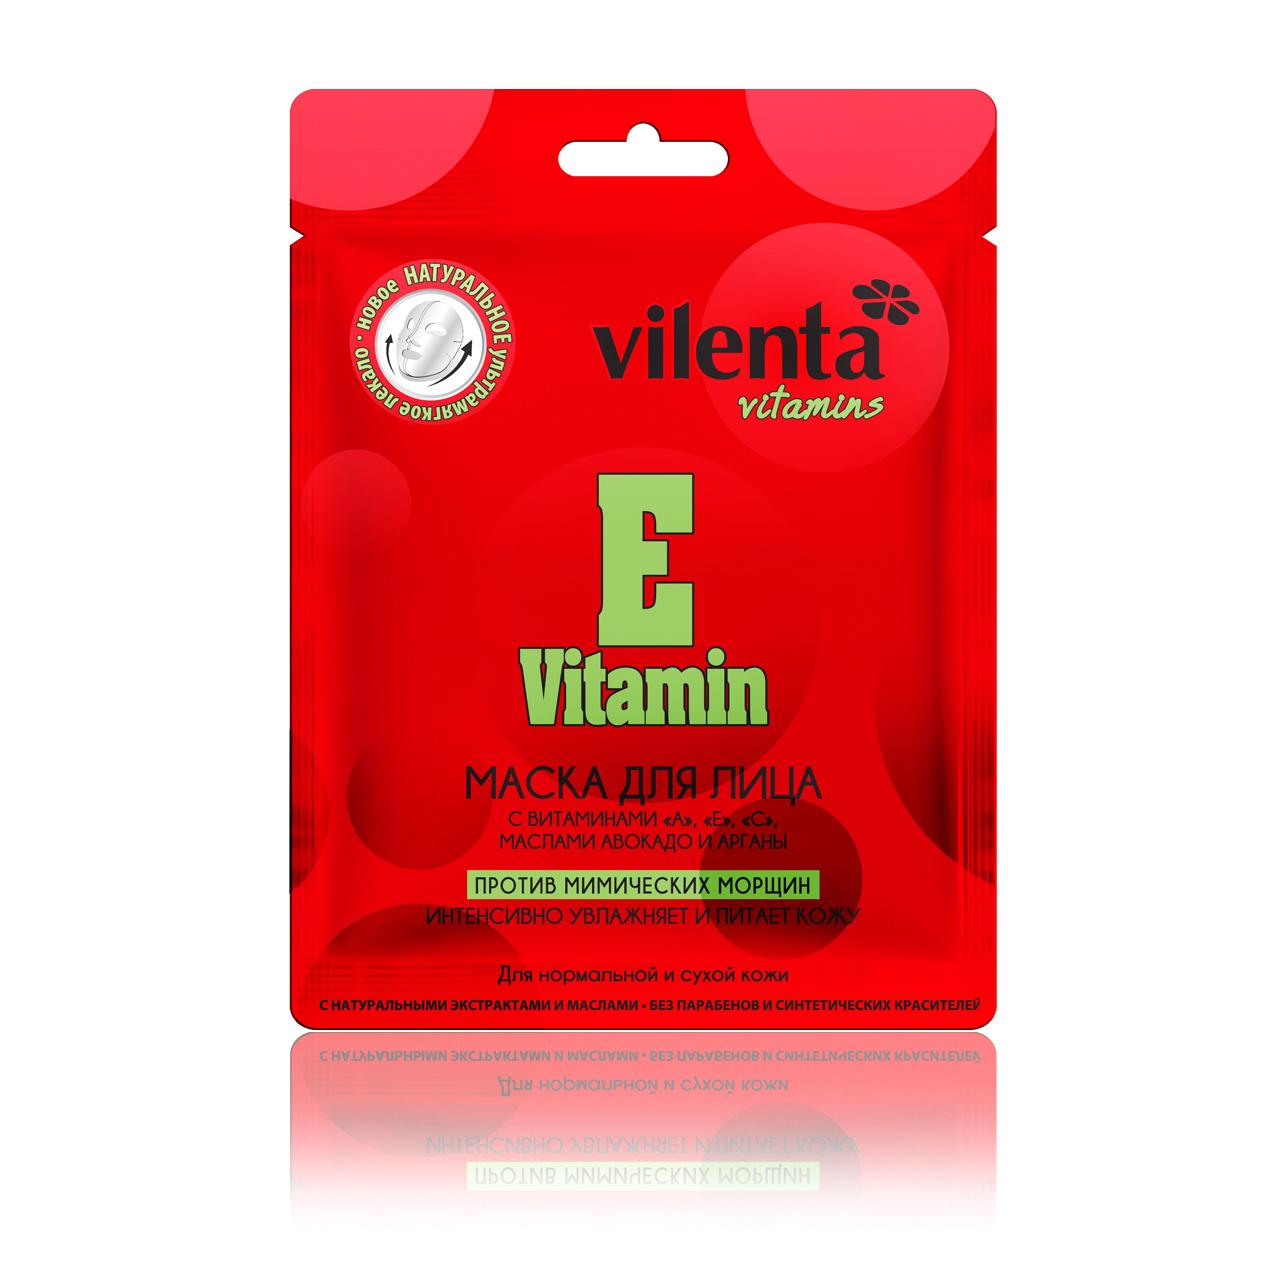 Тканевая маска Vilenta для лица VITAMIN E 28 г